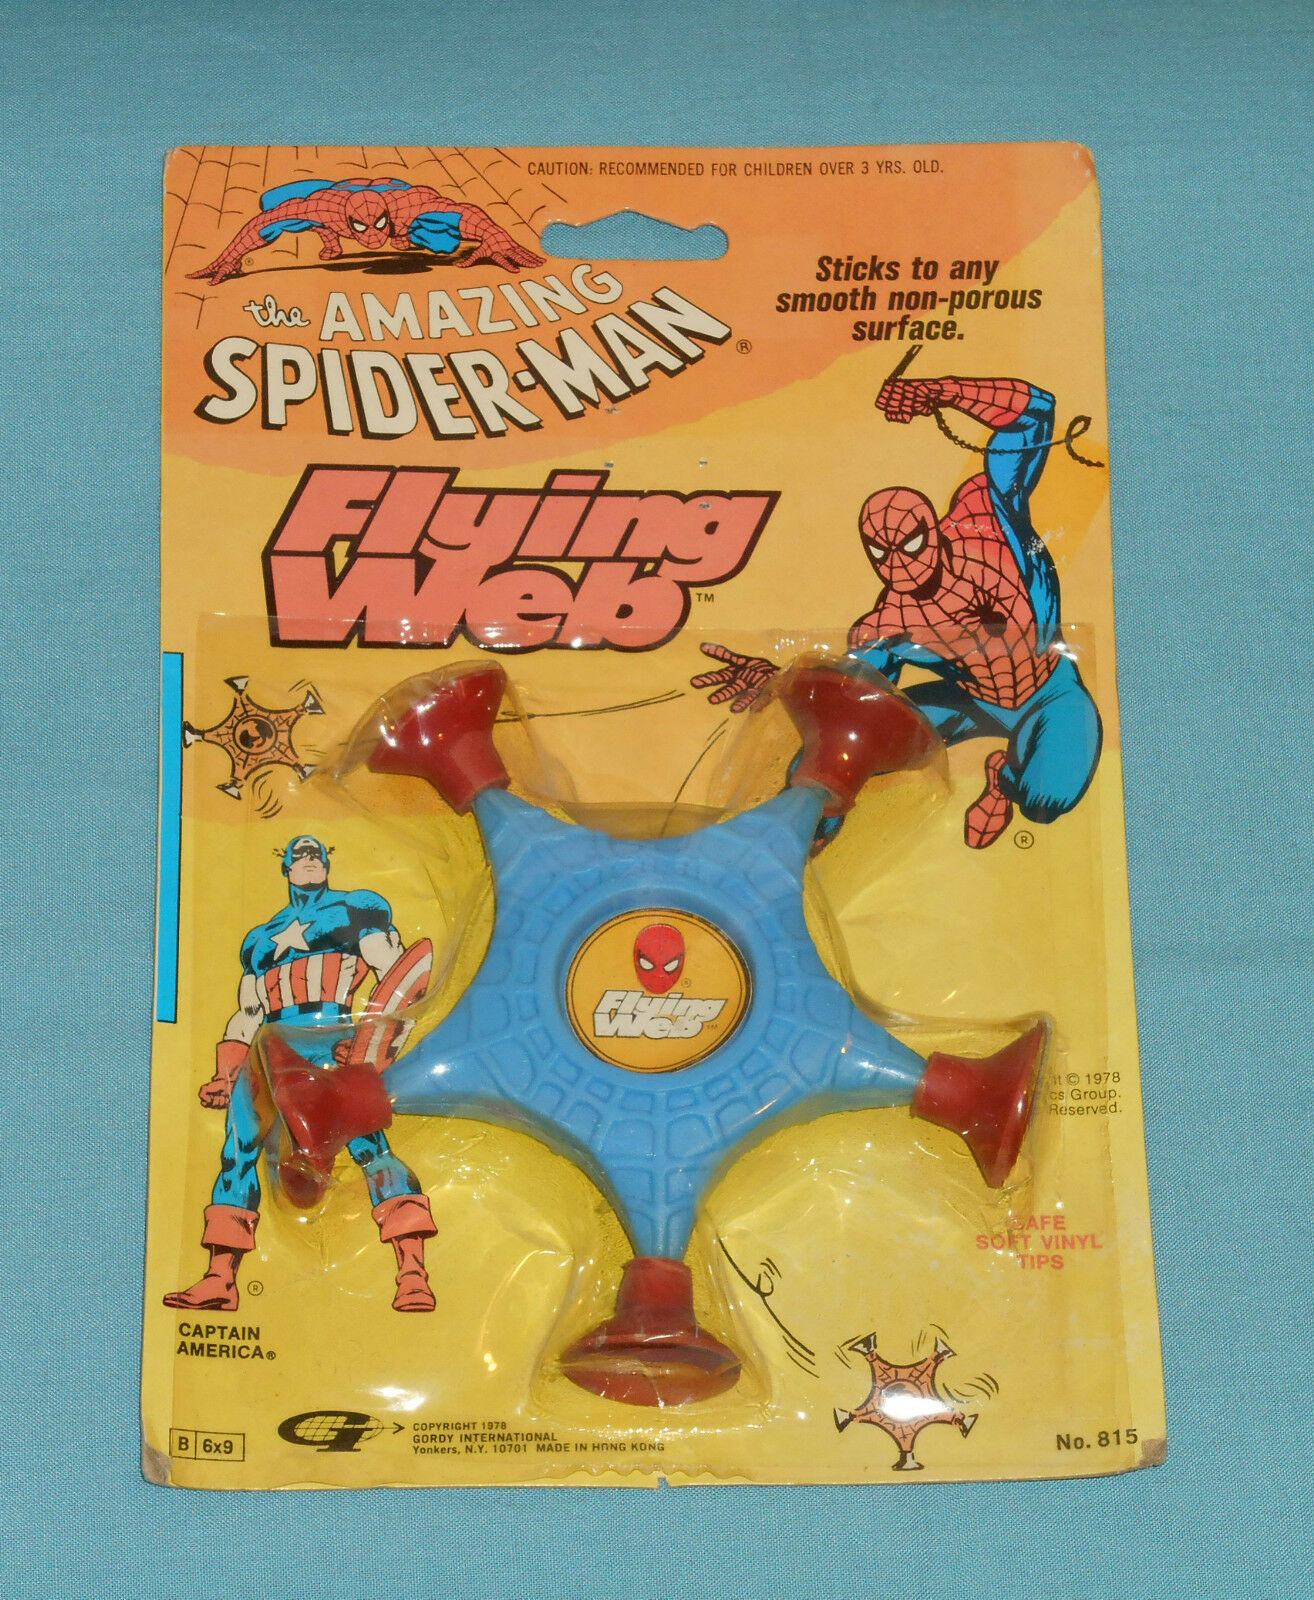 Jahr Gordy THE AMAZING SPIDER-MAN fliegen WEB MOC rack Spielzeug